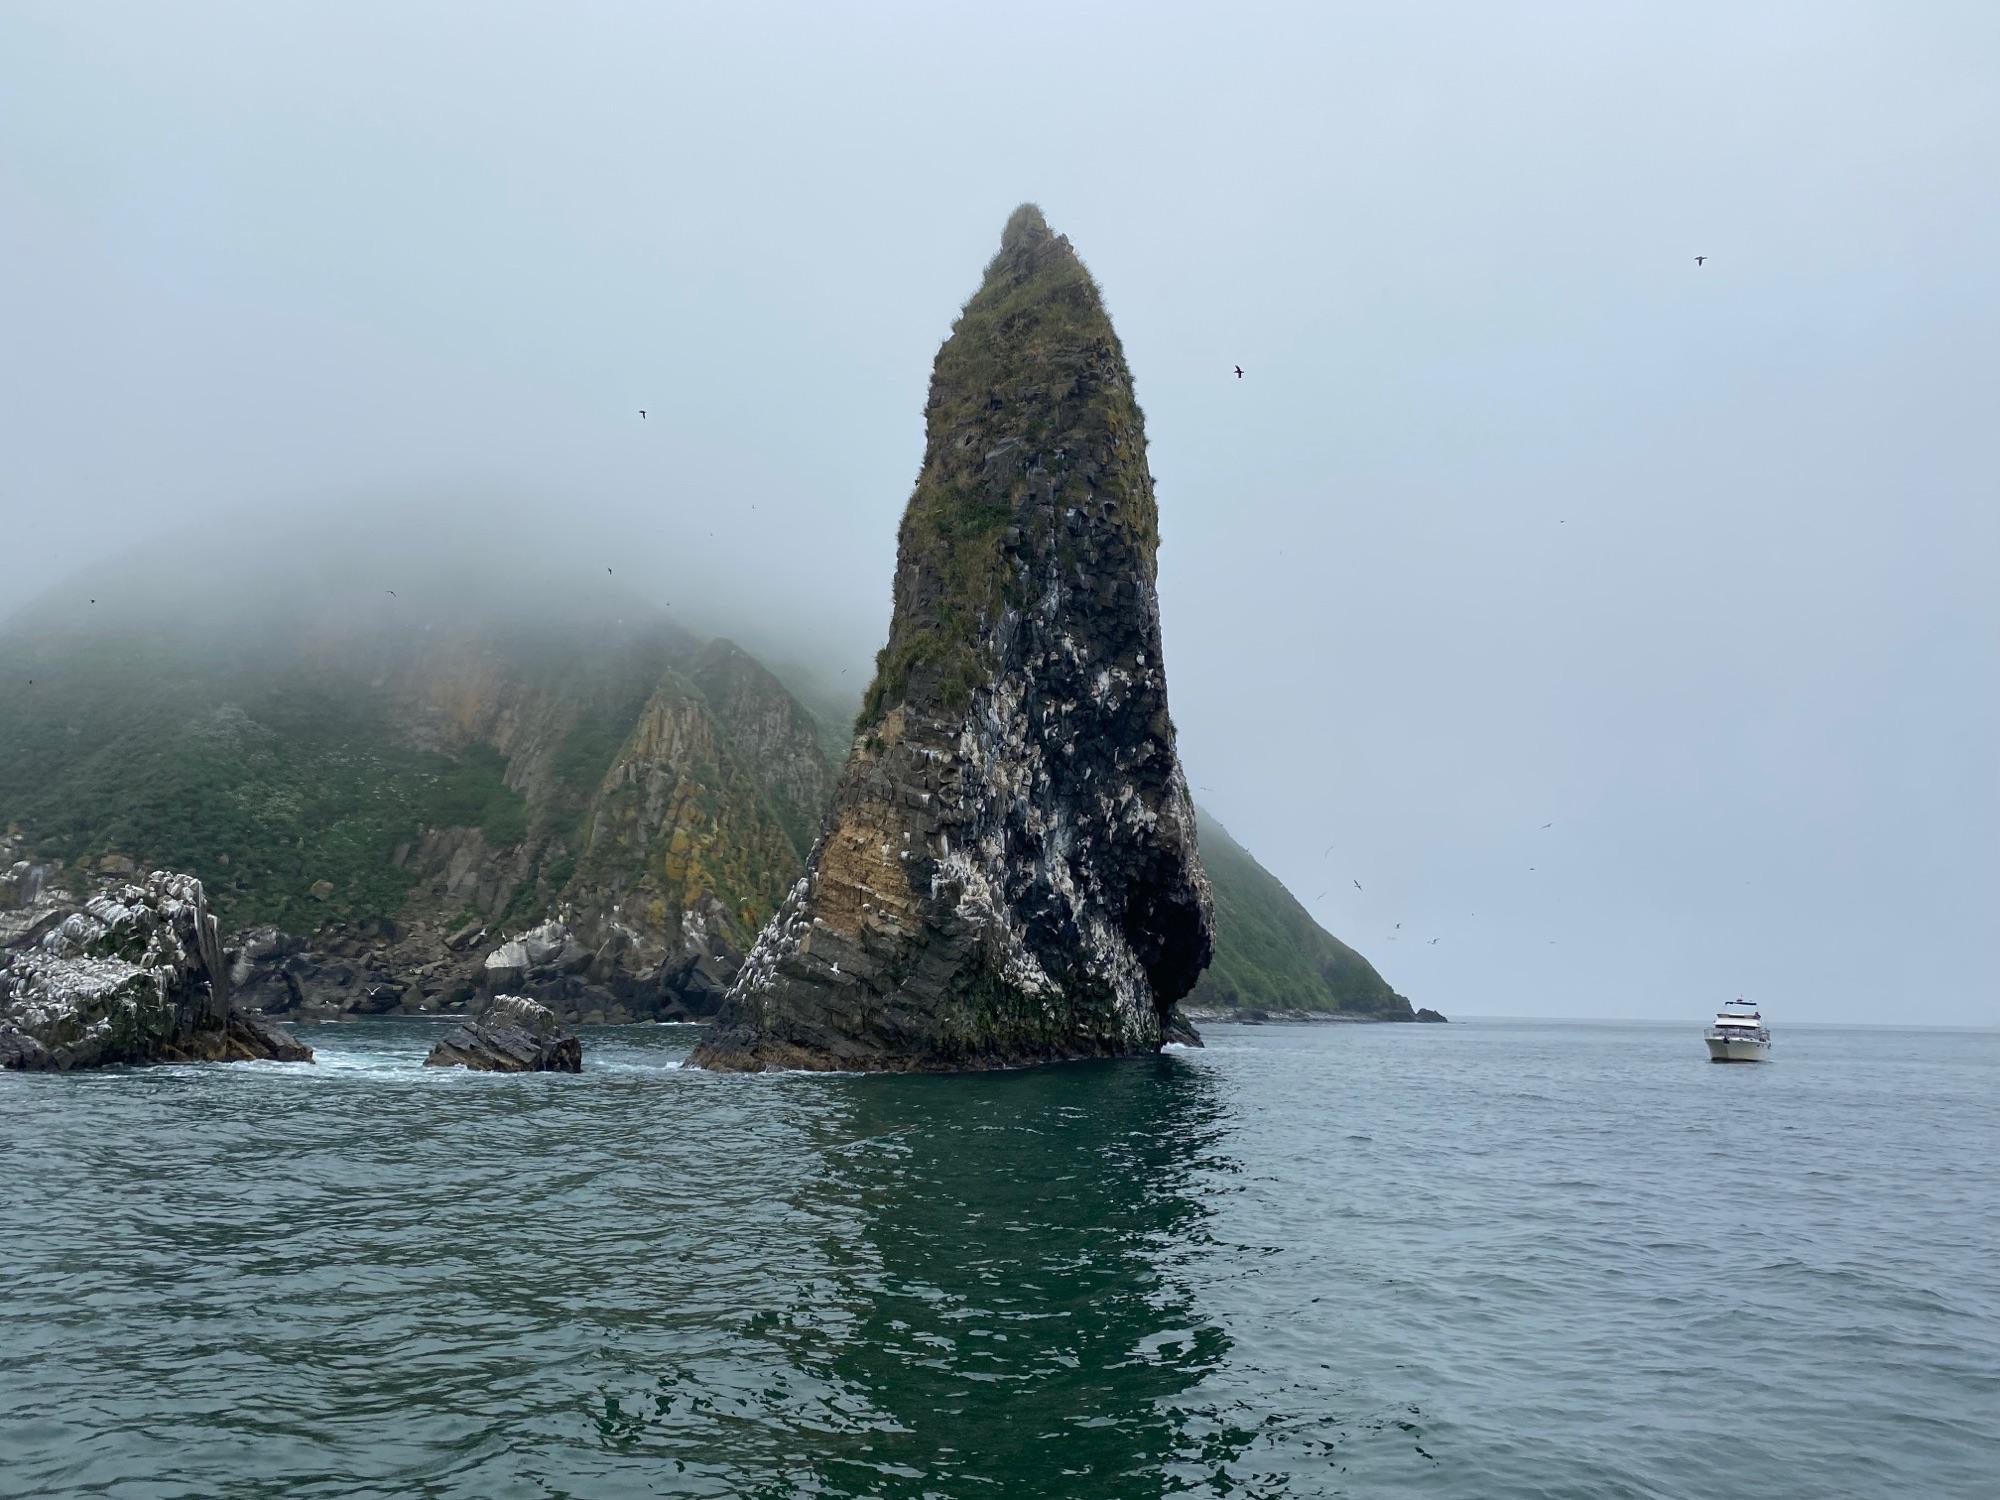 Остров Старичков на обратном пути был виден чуть лучше, хотя туман тут до конца так и рассосался